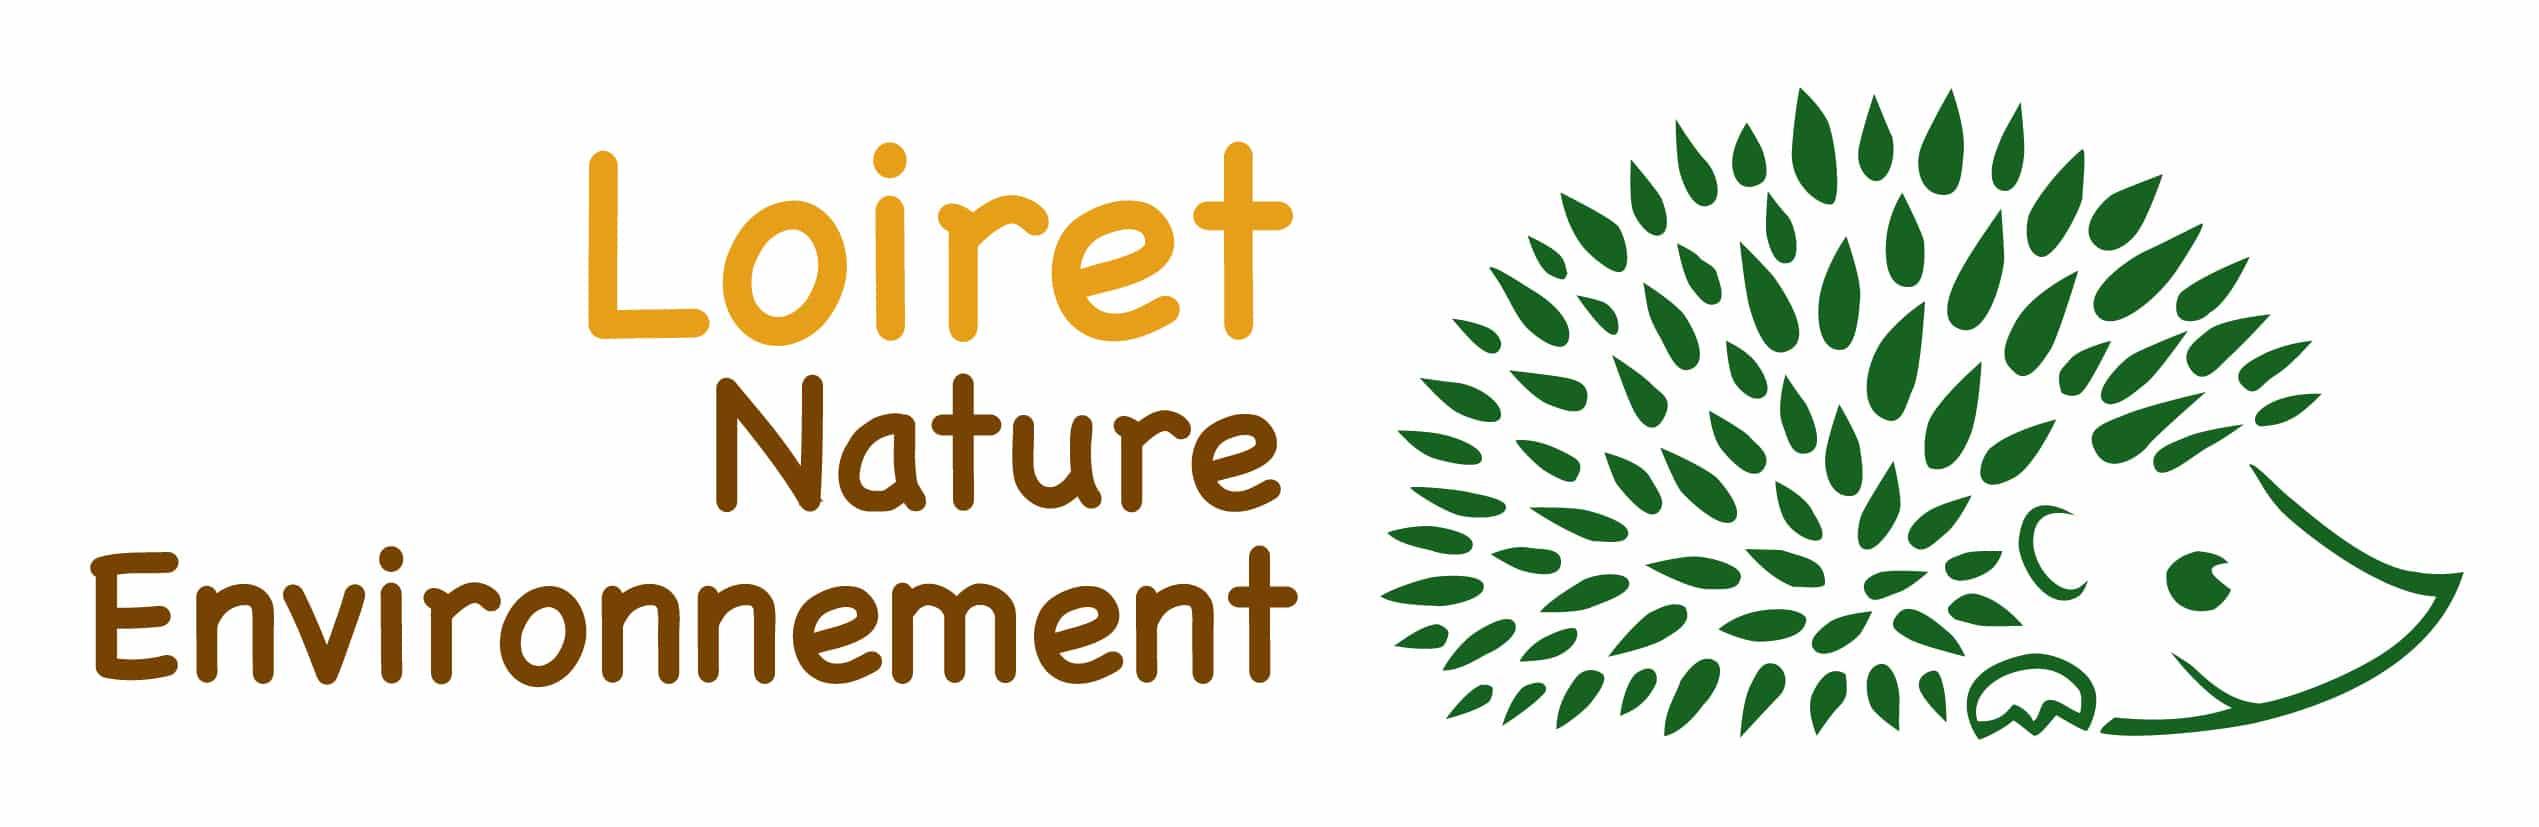 loiret-nature-environnement